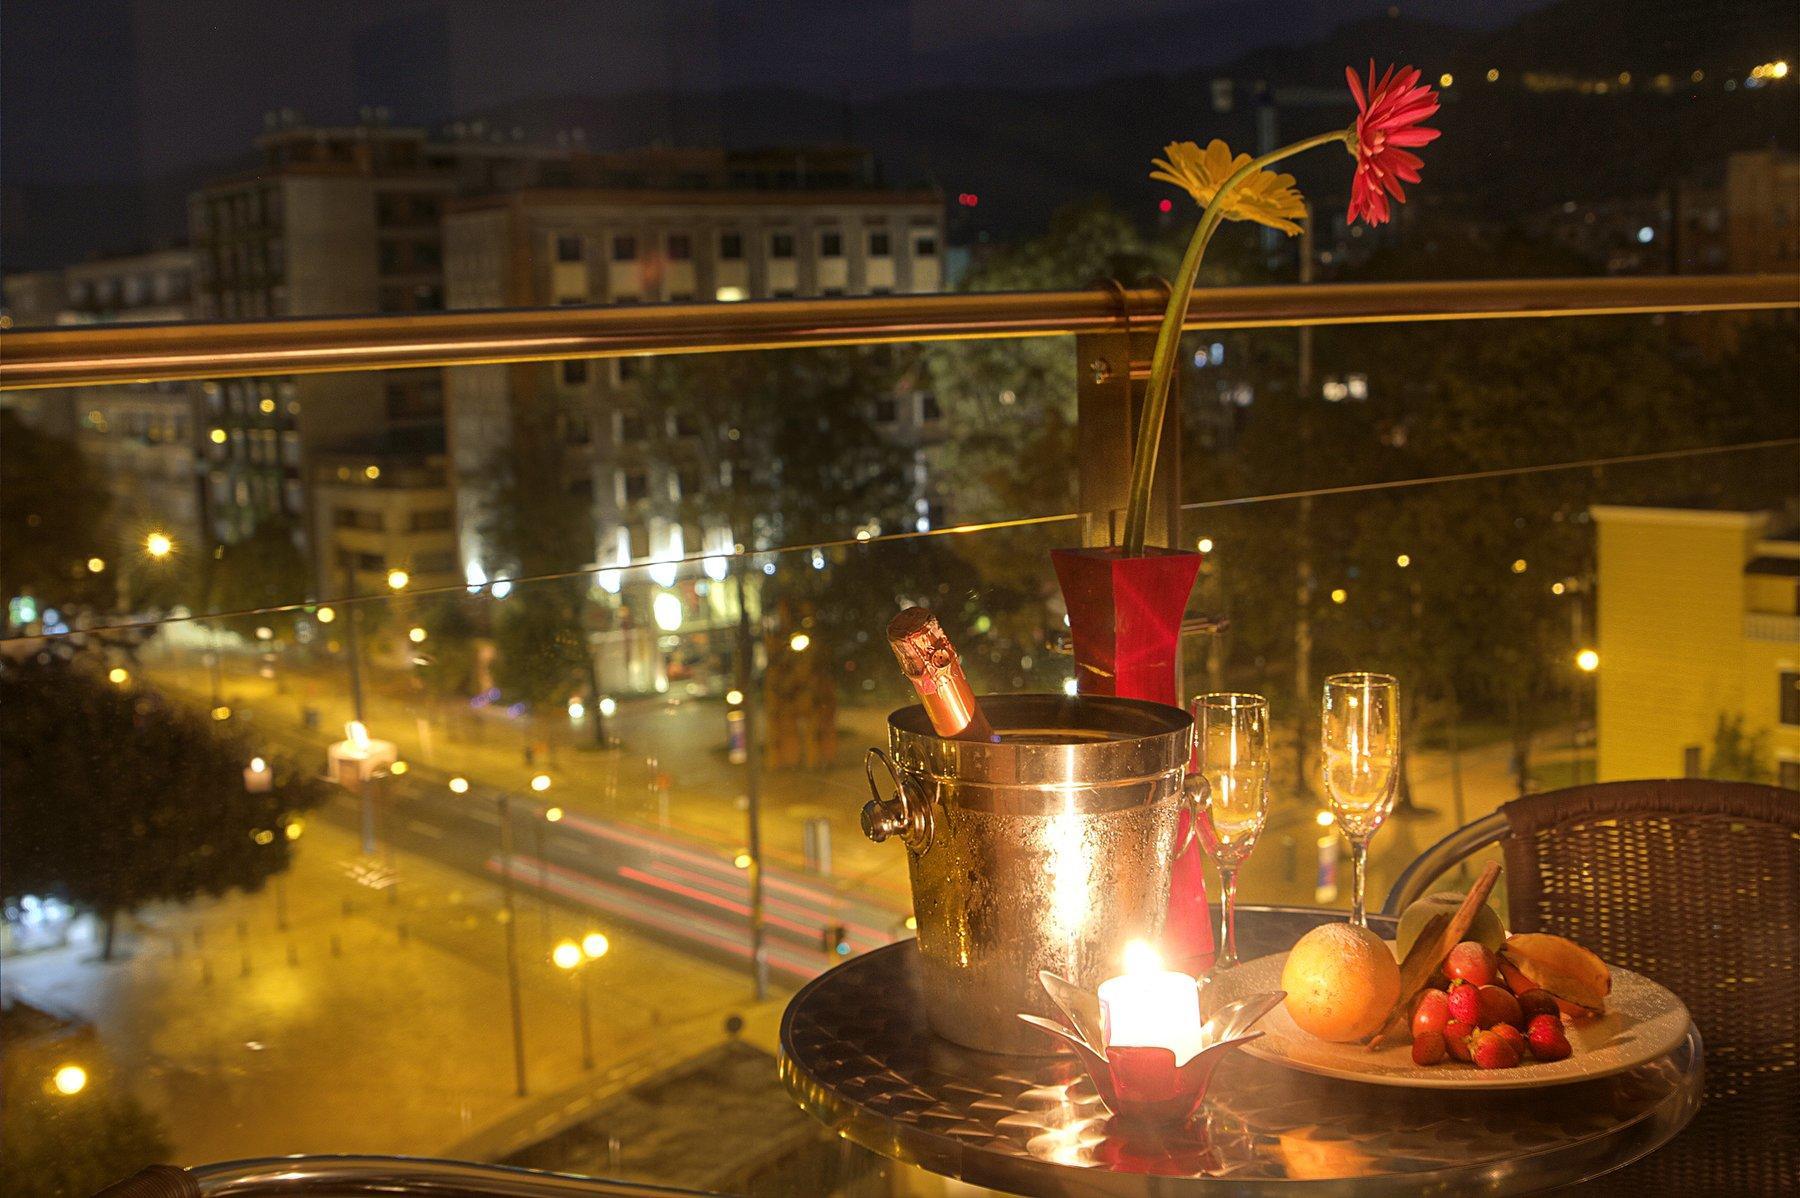 Romantic Set up outside